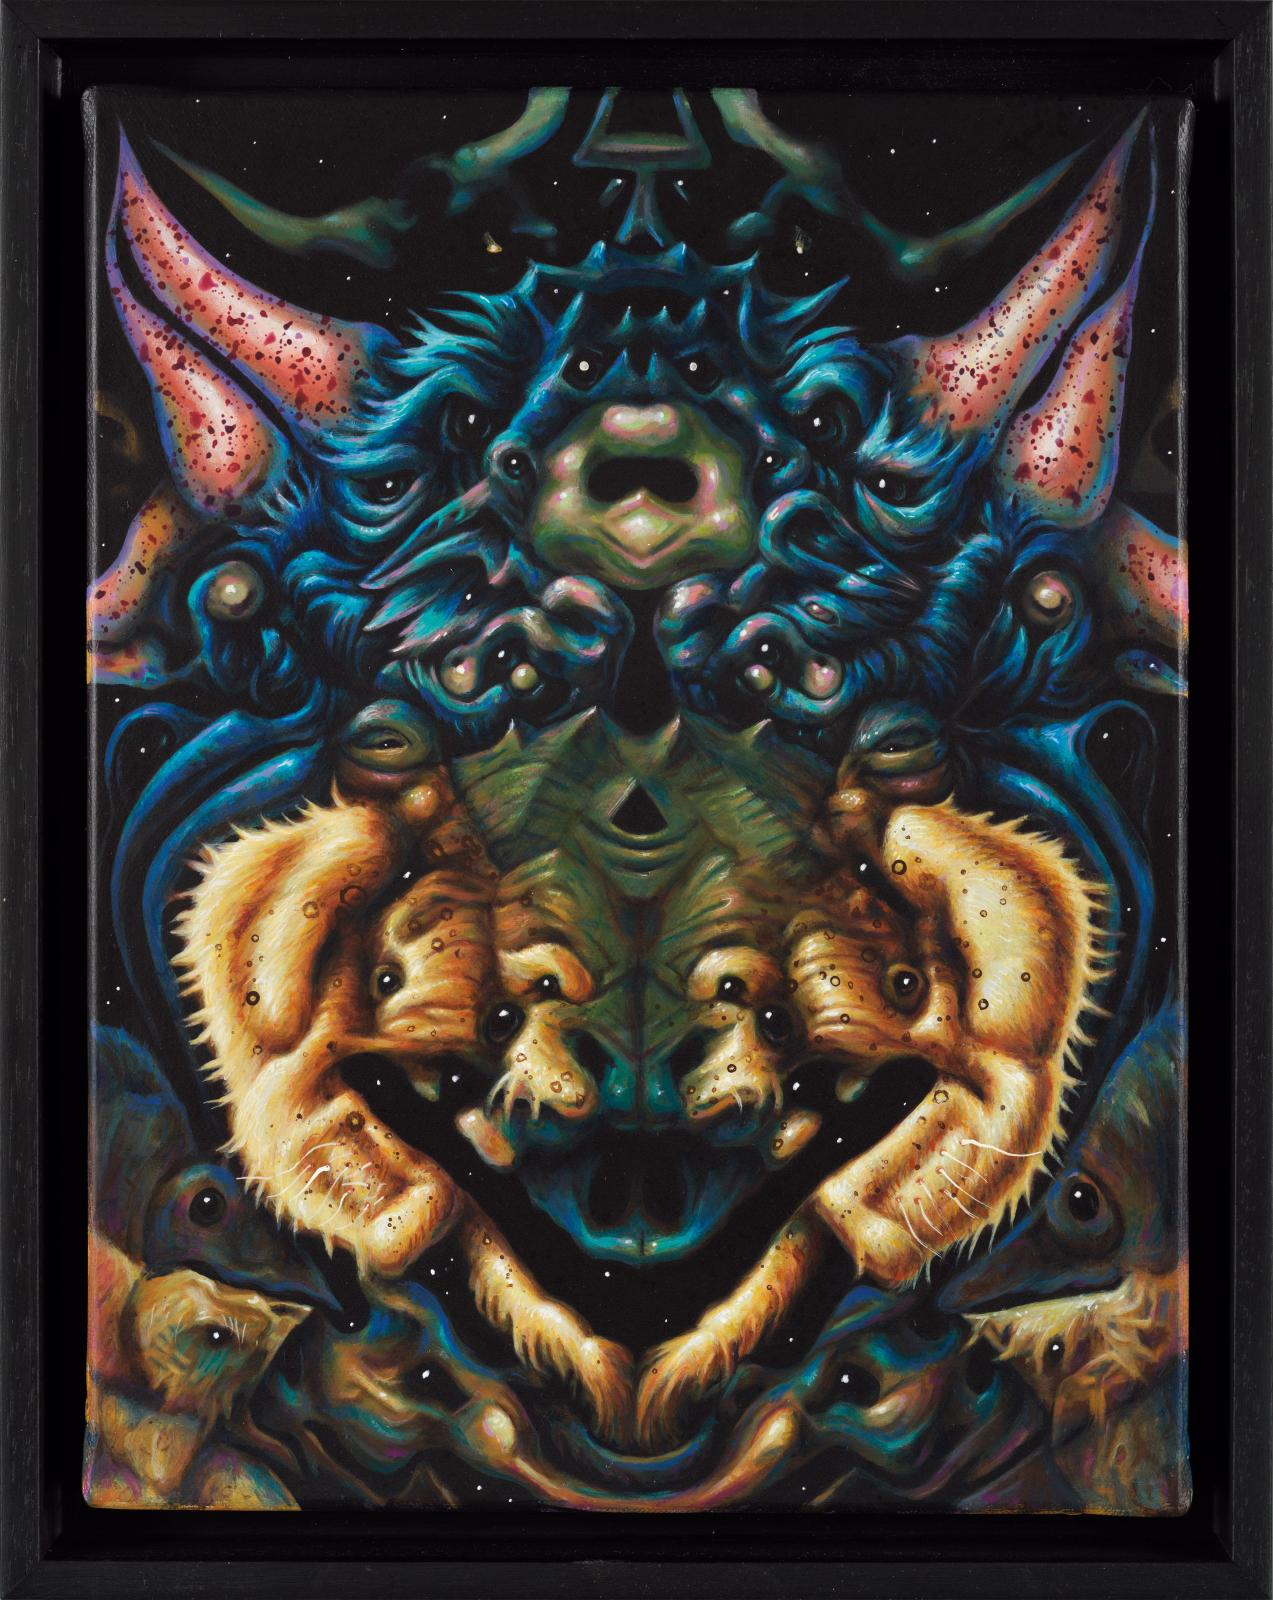 Philippe Mayaux (1961), Butterfly Divinity, 2018-2019, techniques mixtes sur toile, 39,5 x 31,5cm.